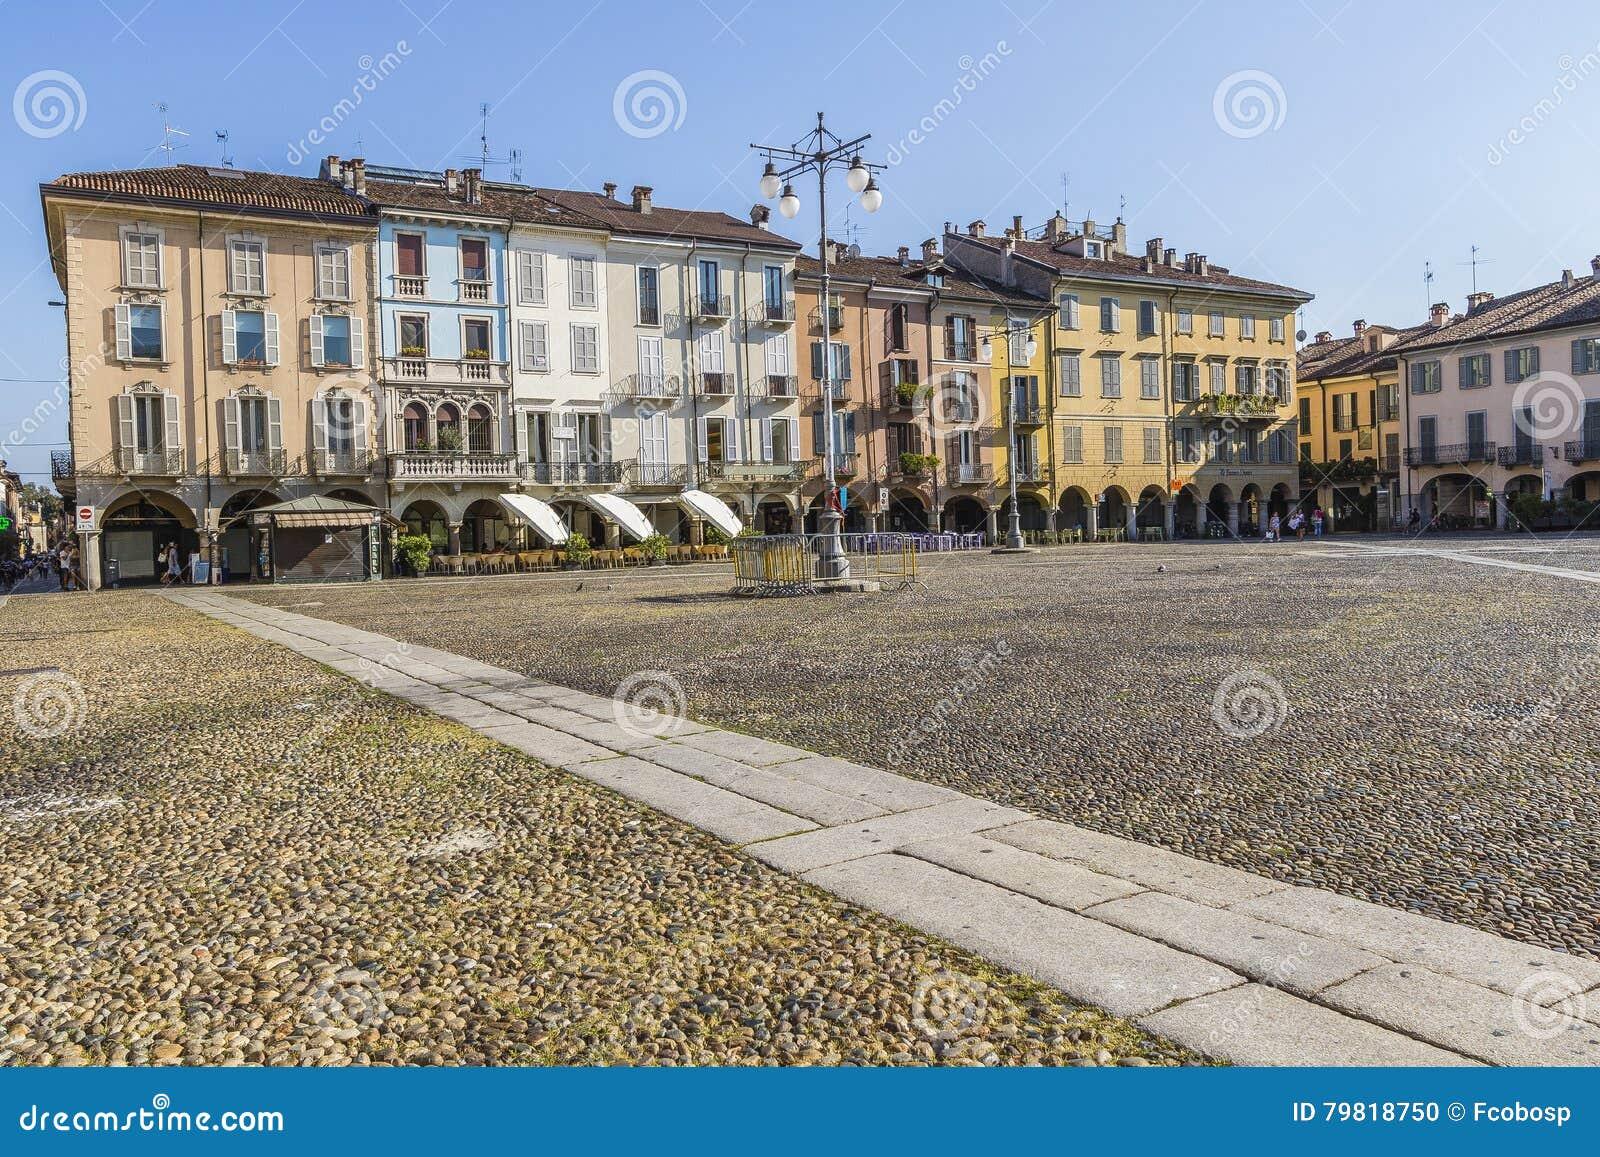 Piazza della Vittoria, Lodi, Italy